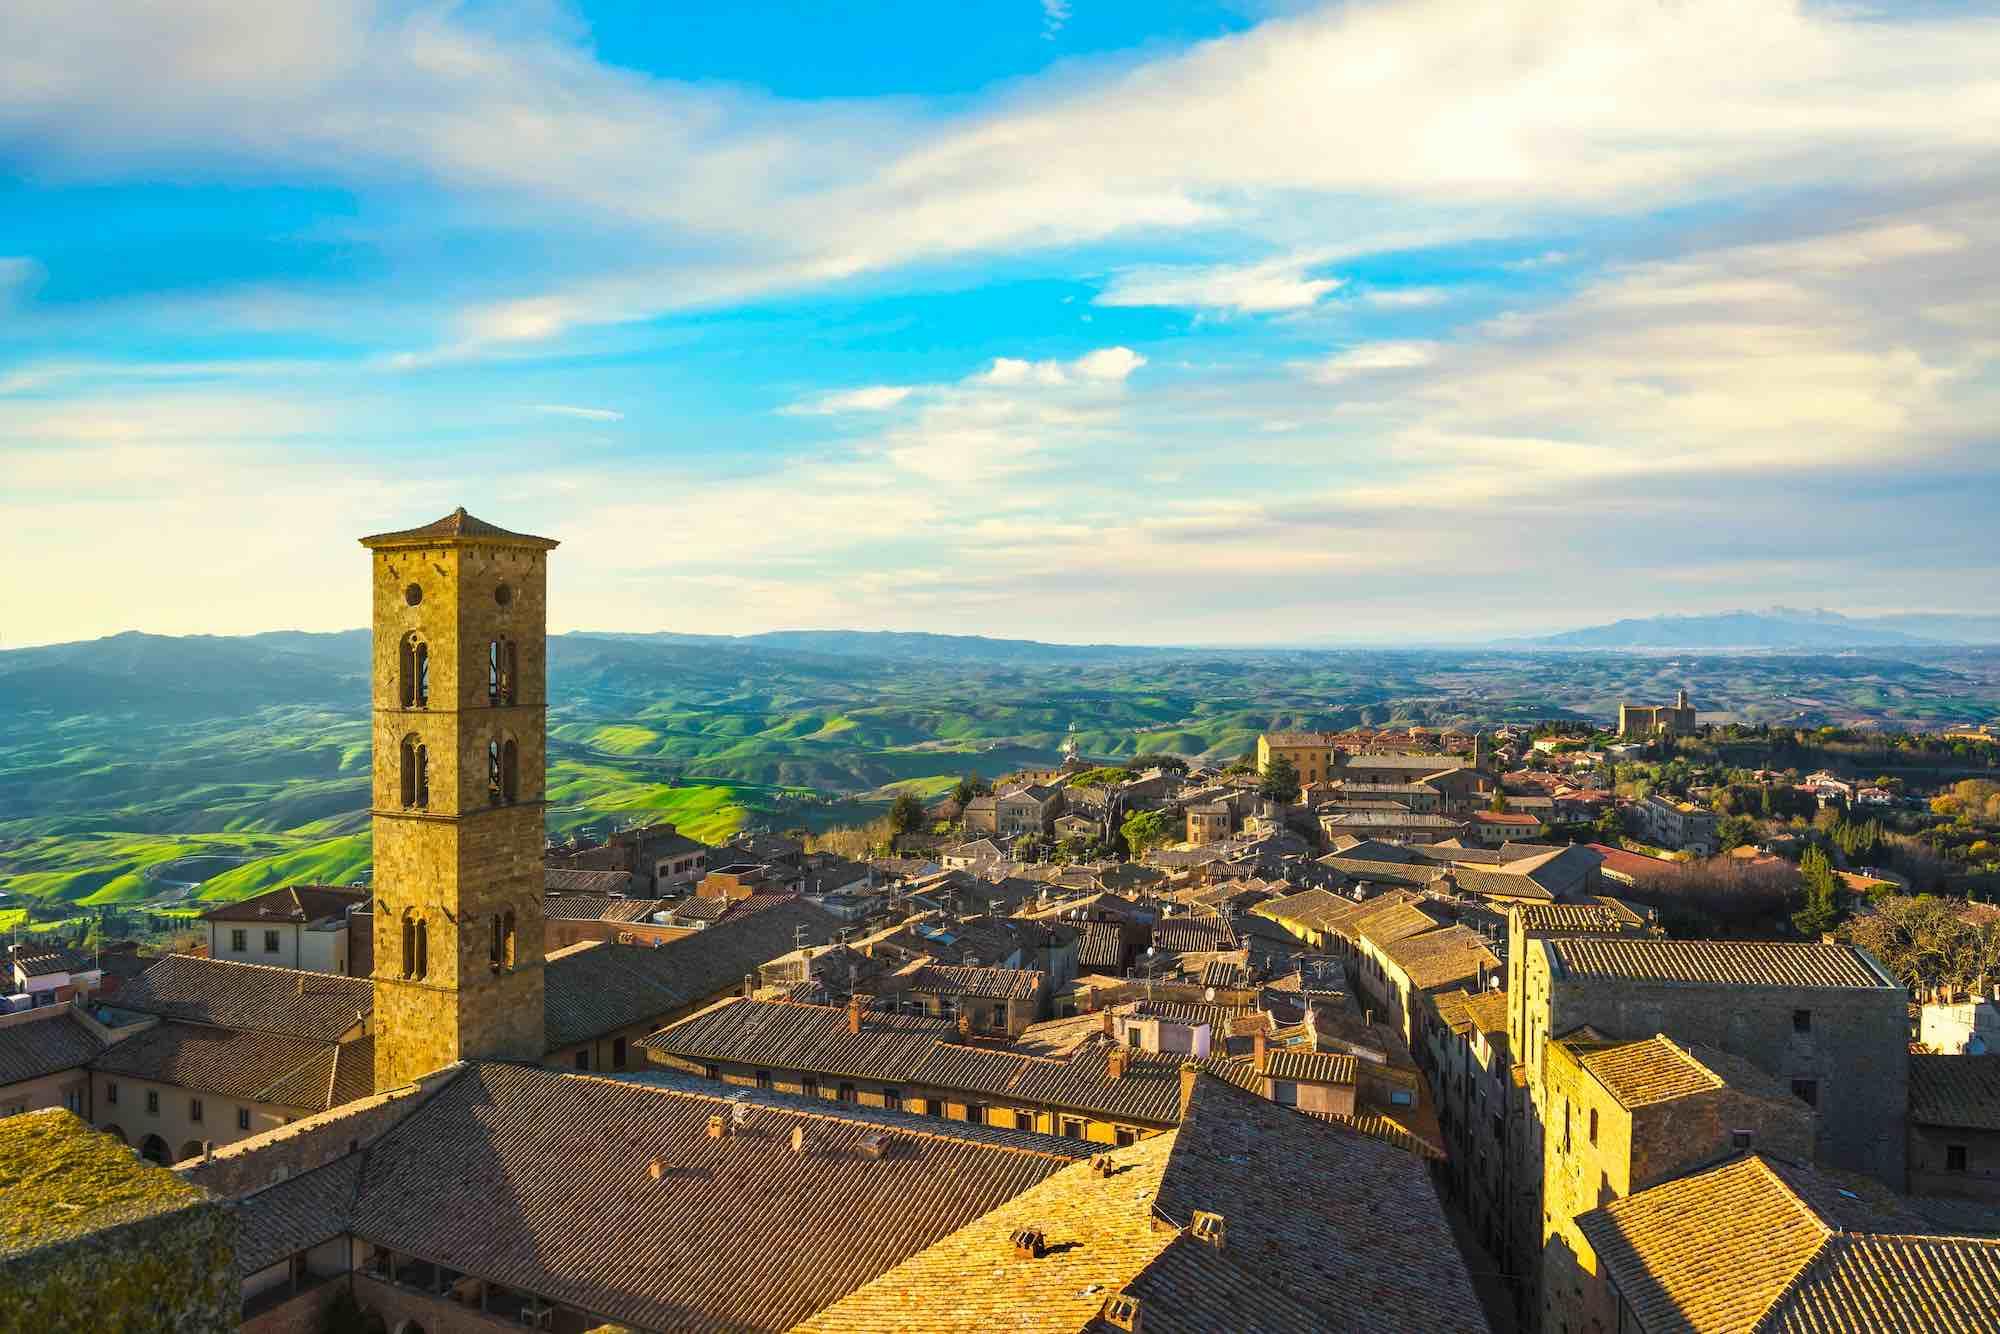 Volterra si trova in Val d'Elsa, uno dei territori più belli della Toscana.